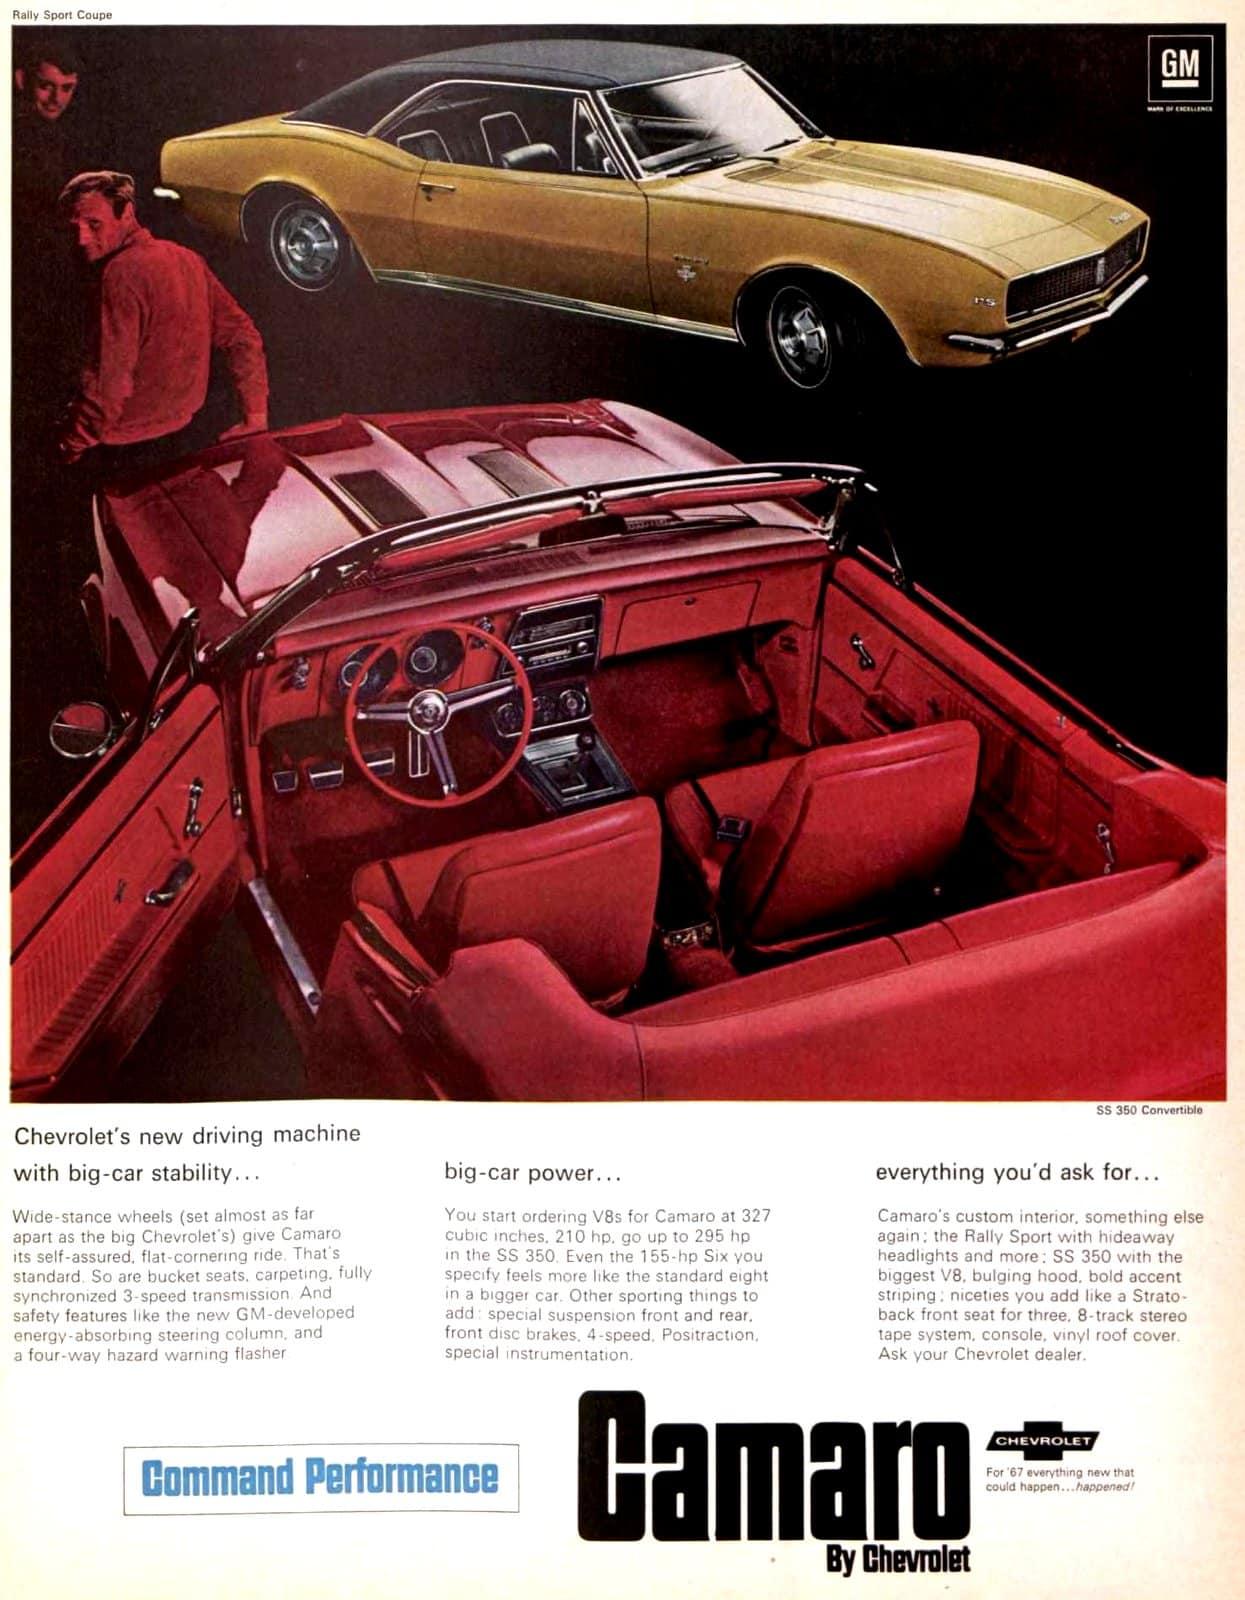 1967 Camaro SS 350 convertible